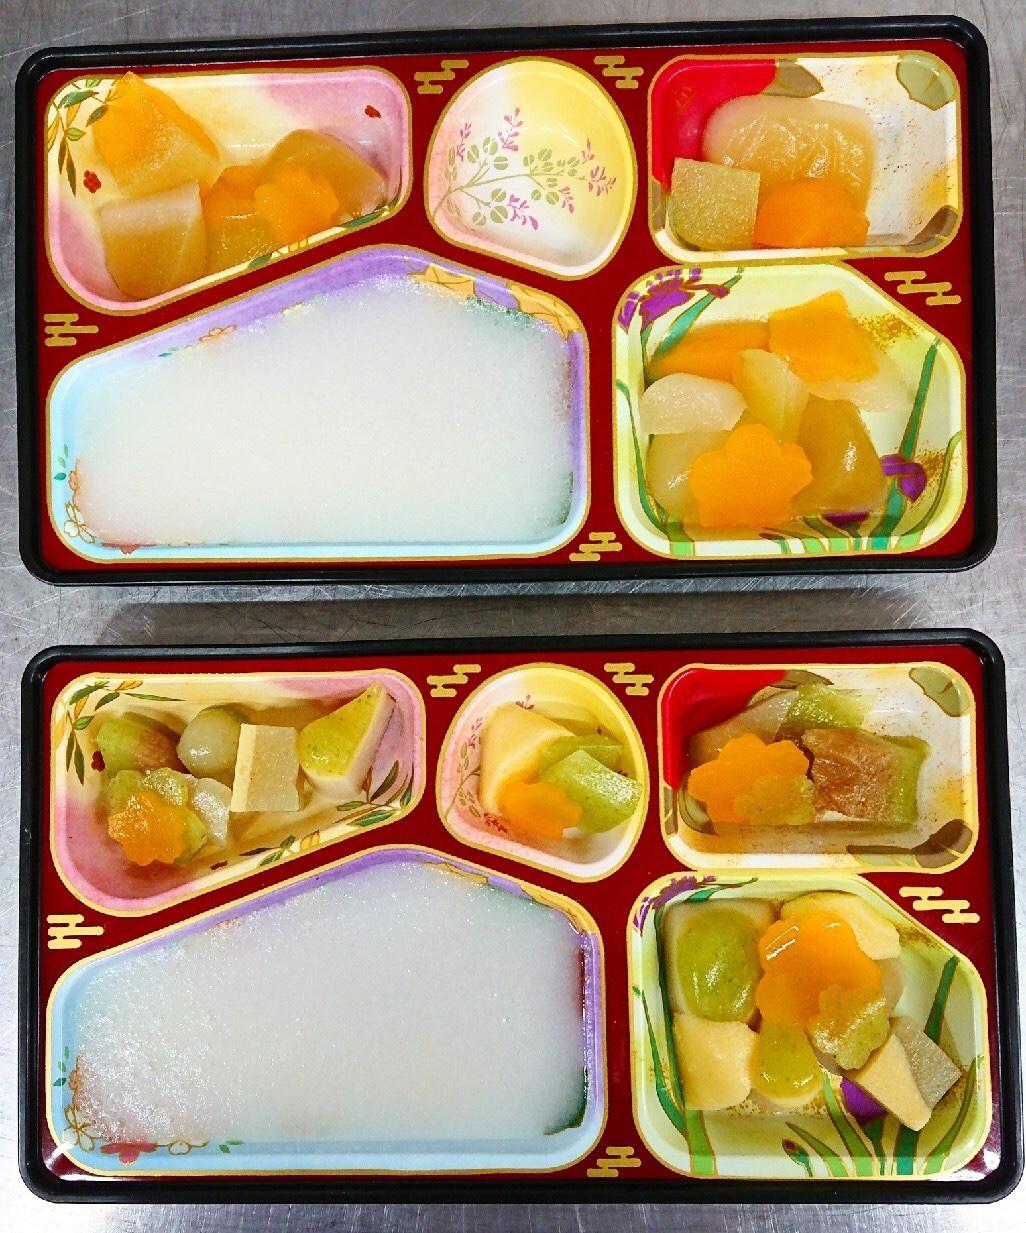 ソフト食弁当